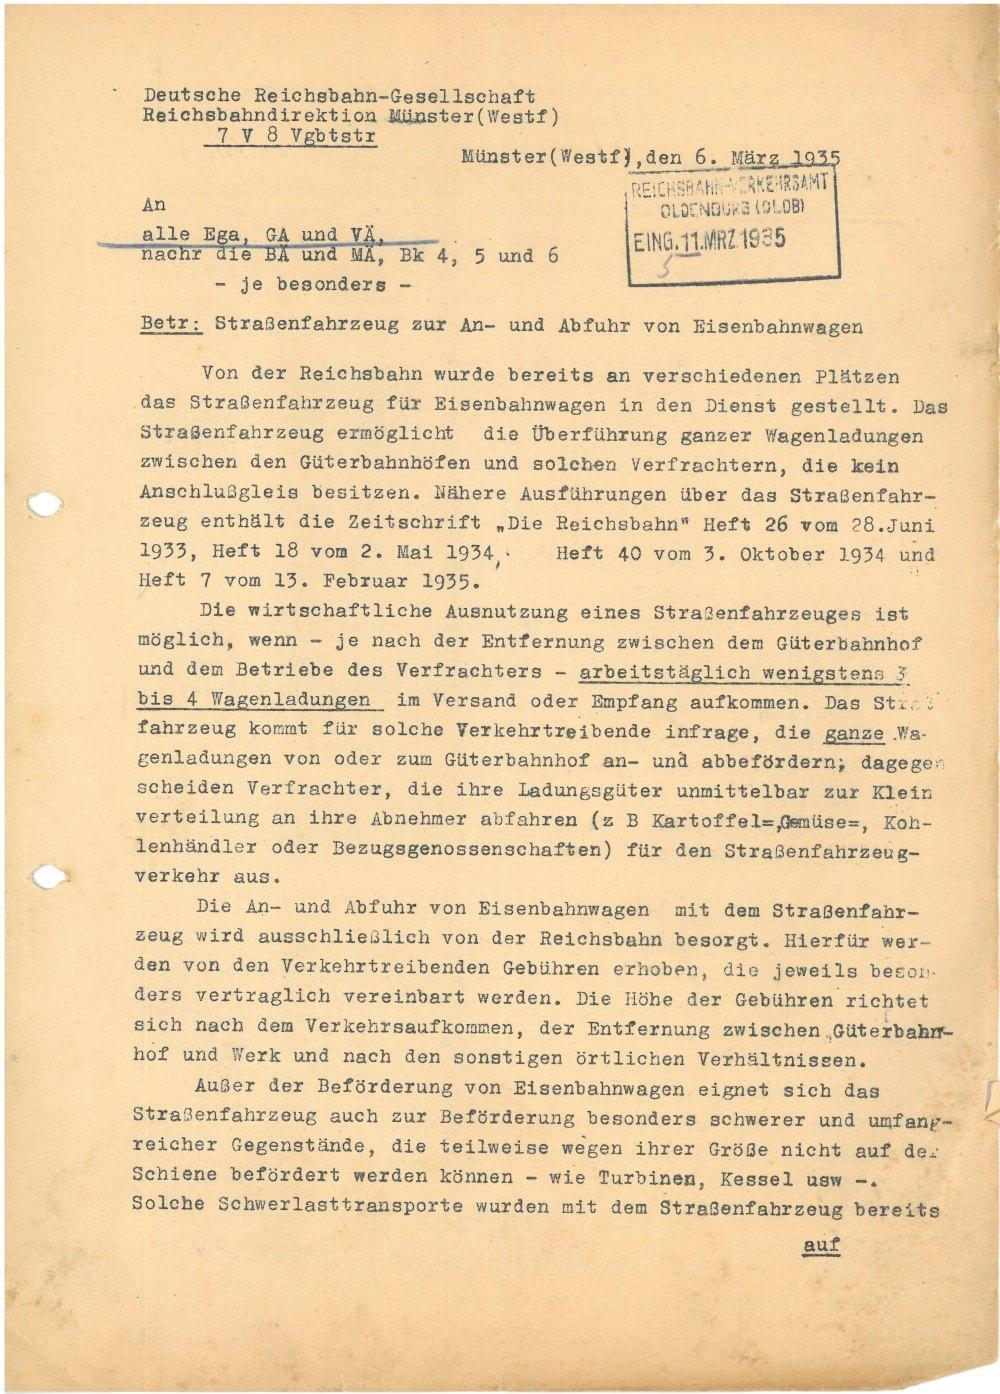 Schreiben vom 06.03.1935 - Seite 1